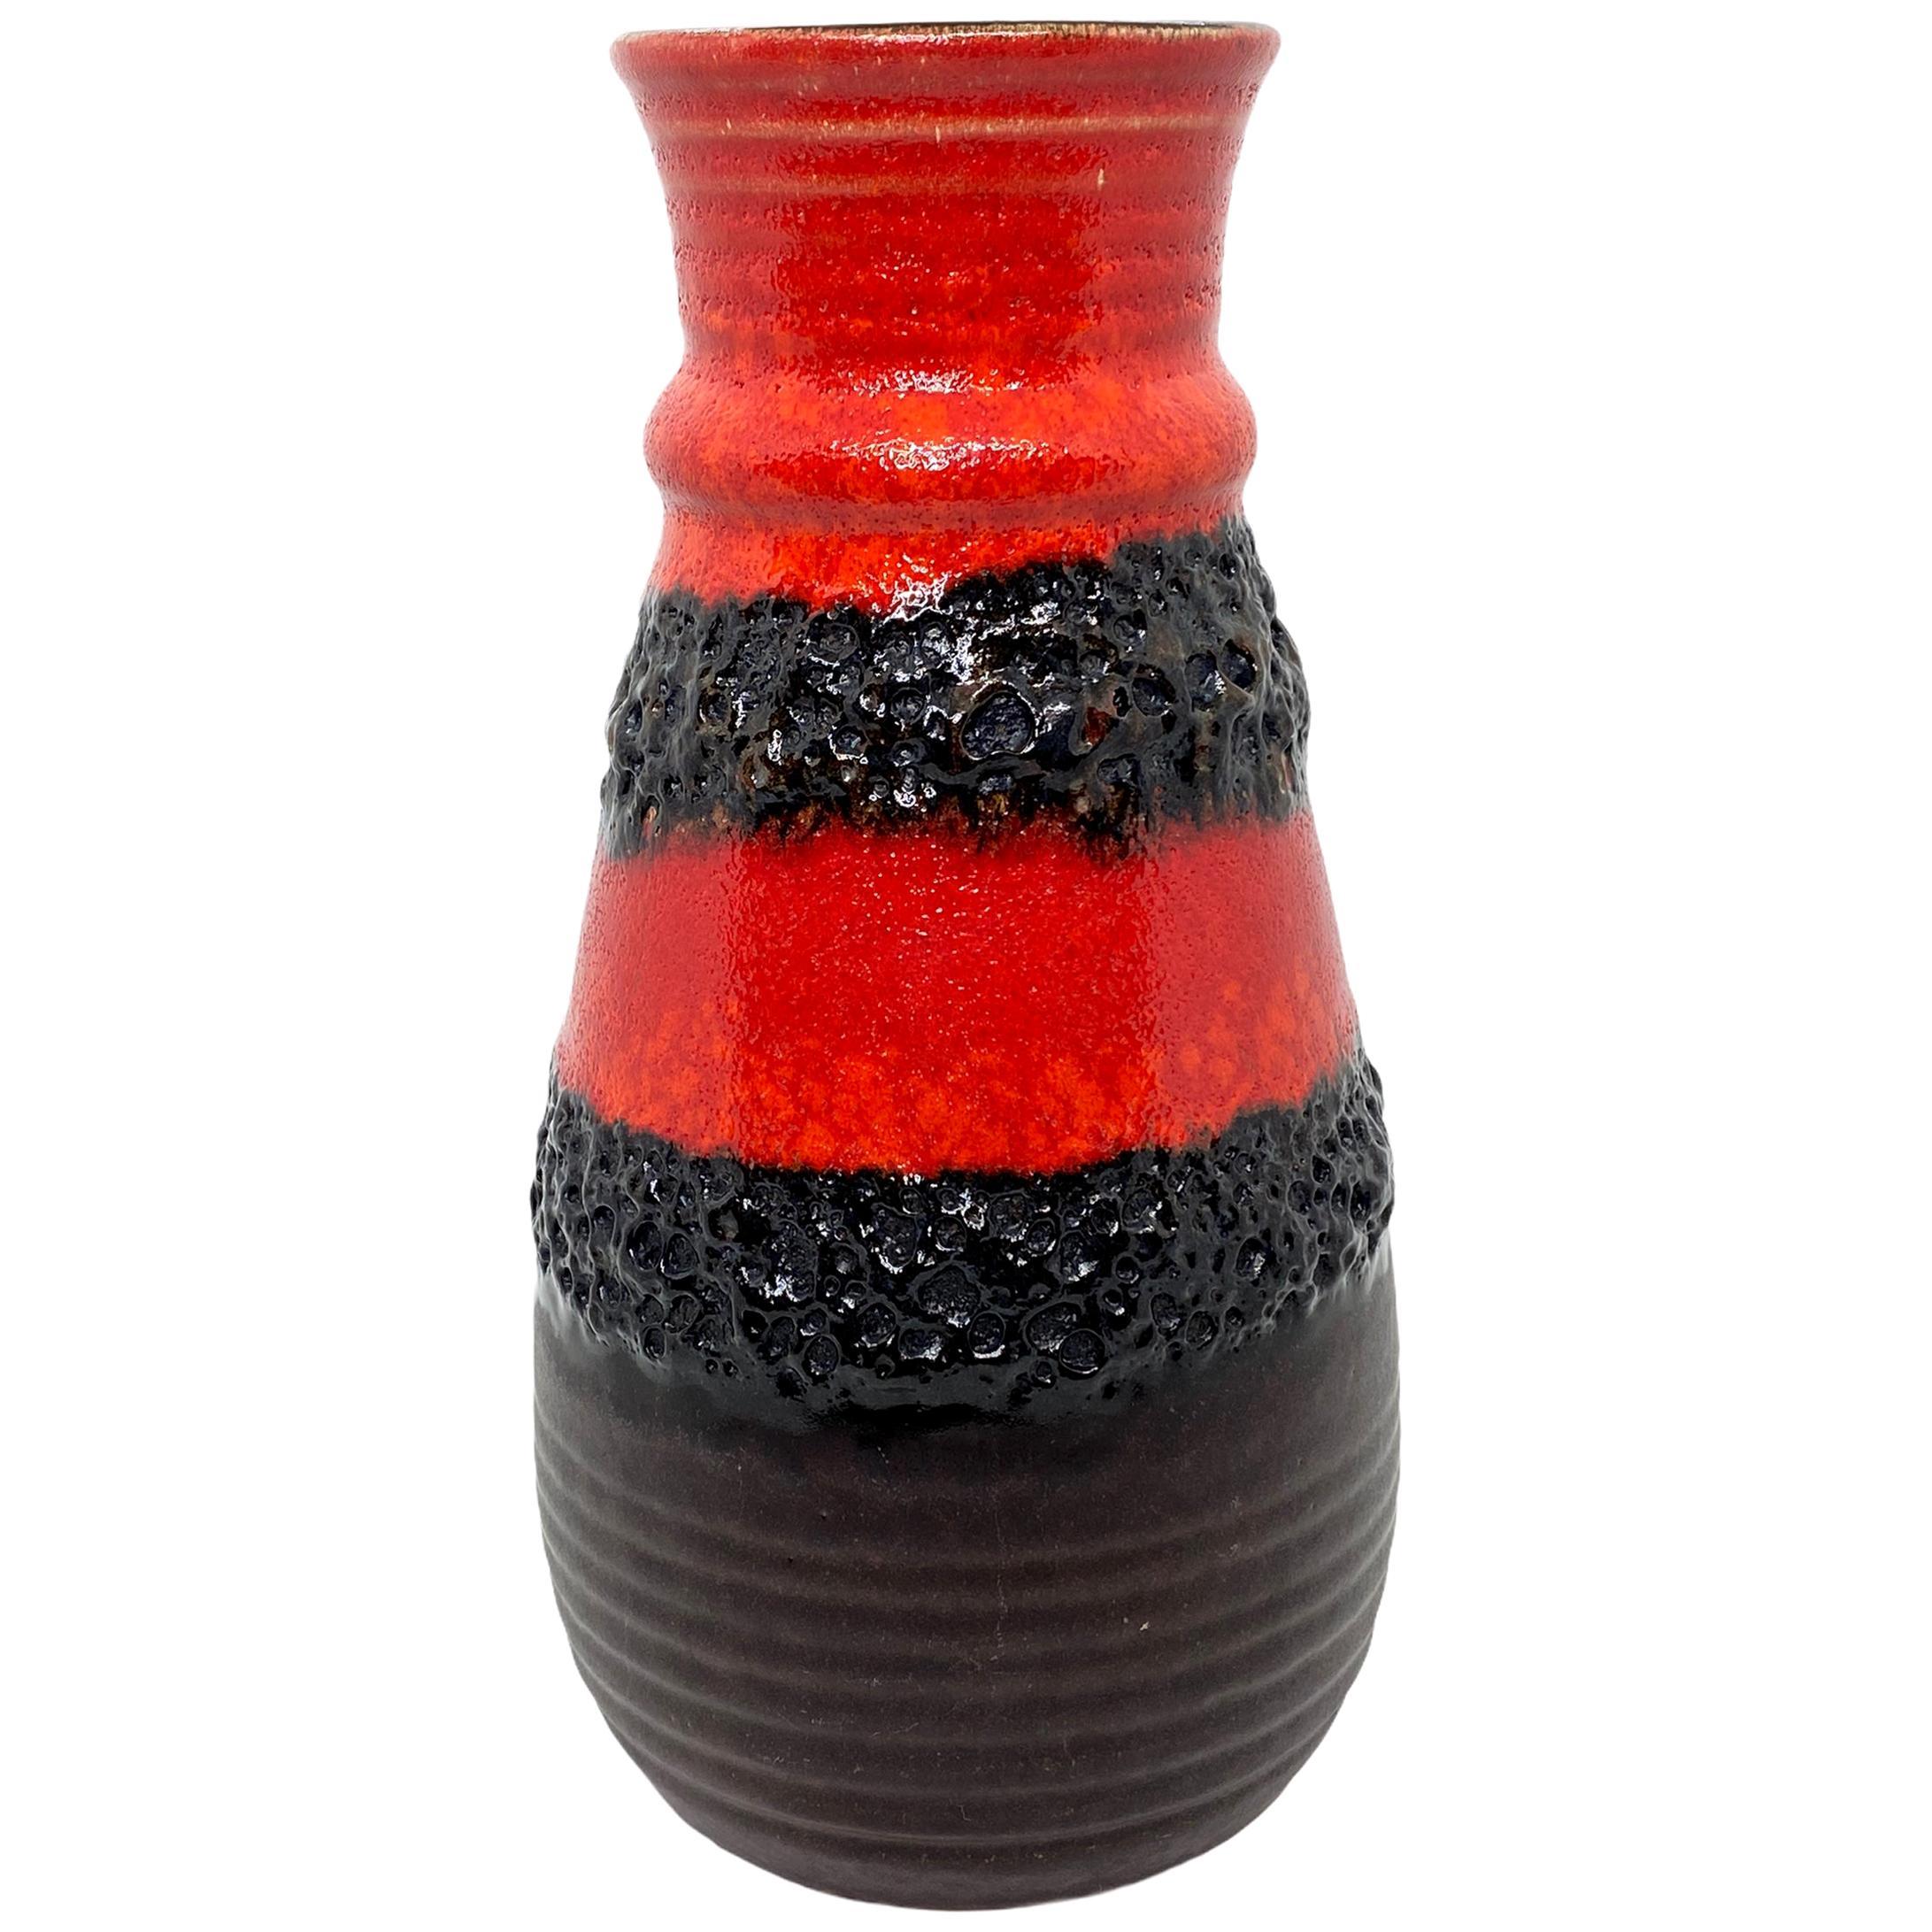 Mid-Century Modern Pottery Fat Lava Vase by Bay Keramik, Germany, 1970s